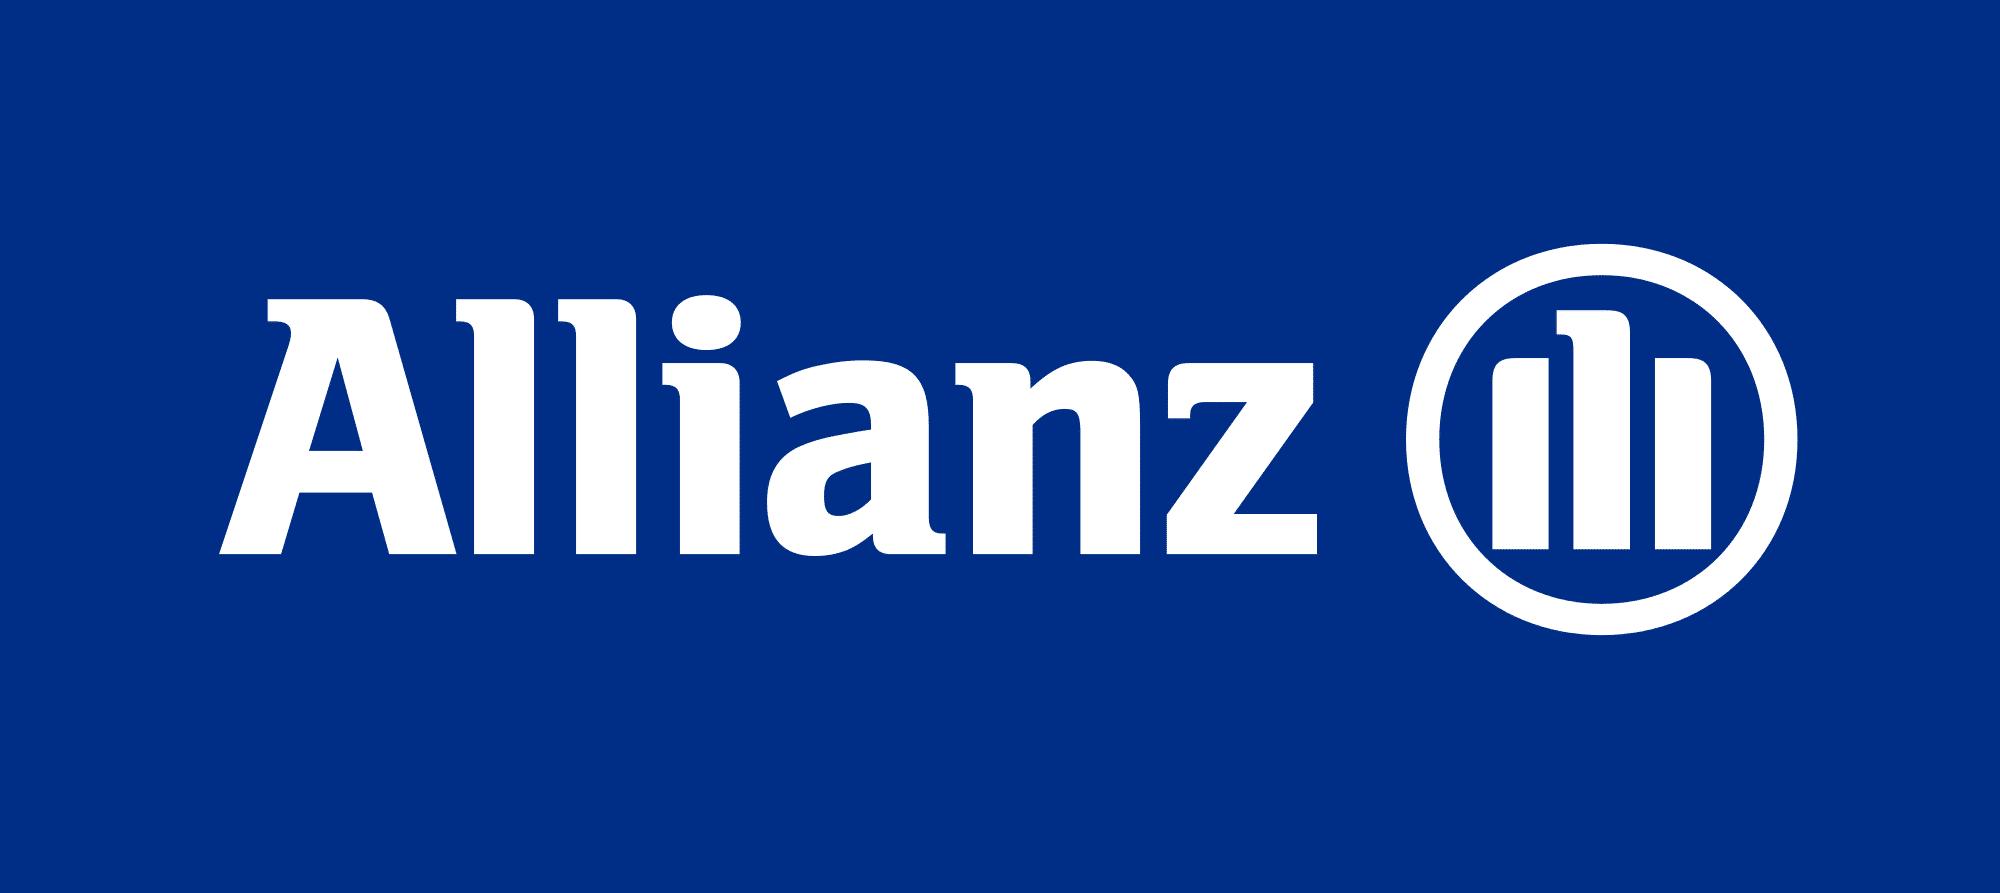 mutua - Allianz - PHYSIO Clínica d'Osteopatia i Fisioteràpia